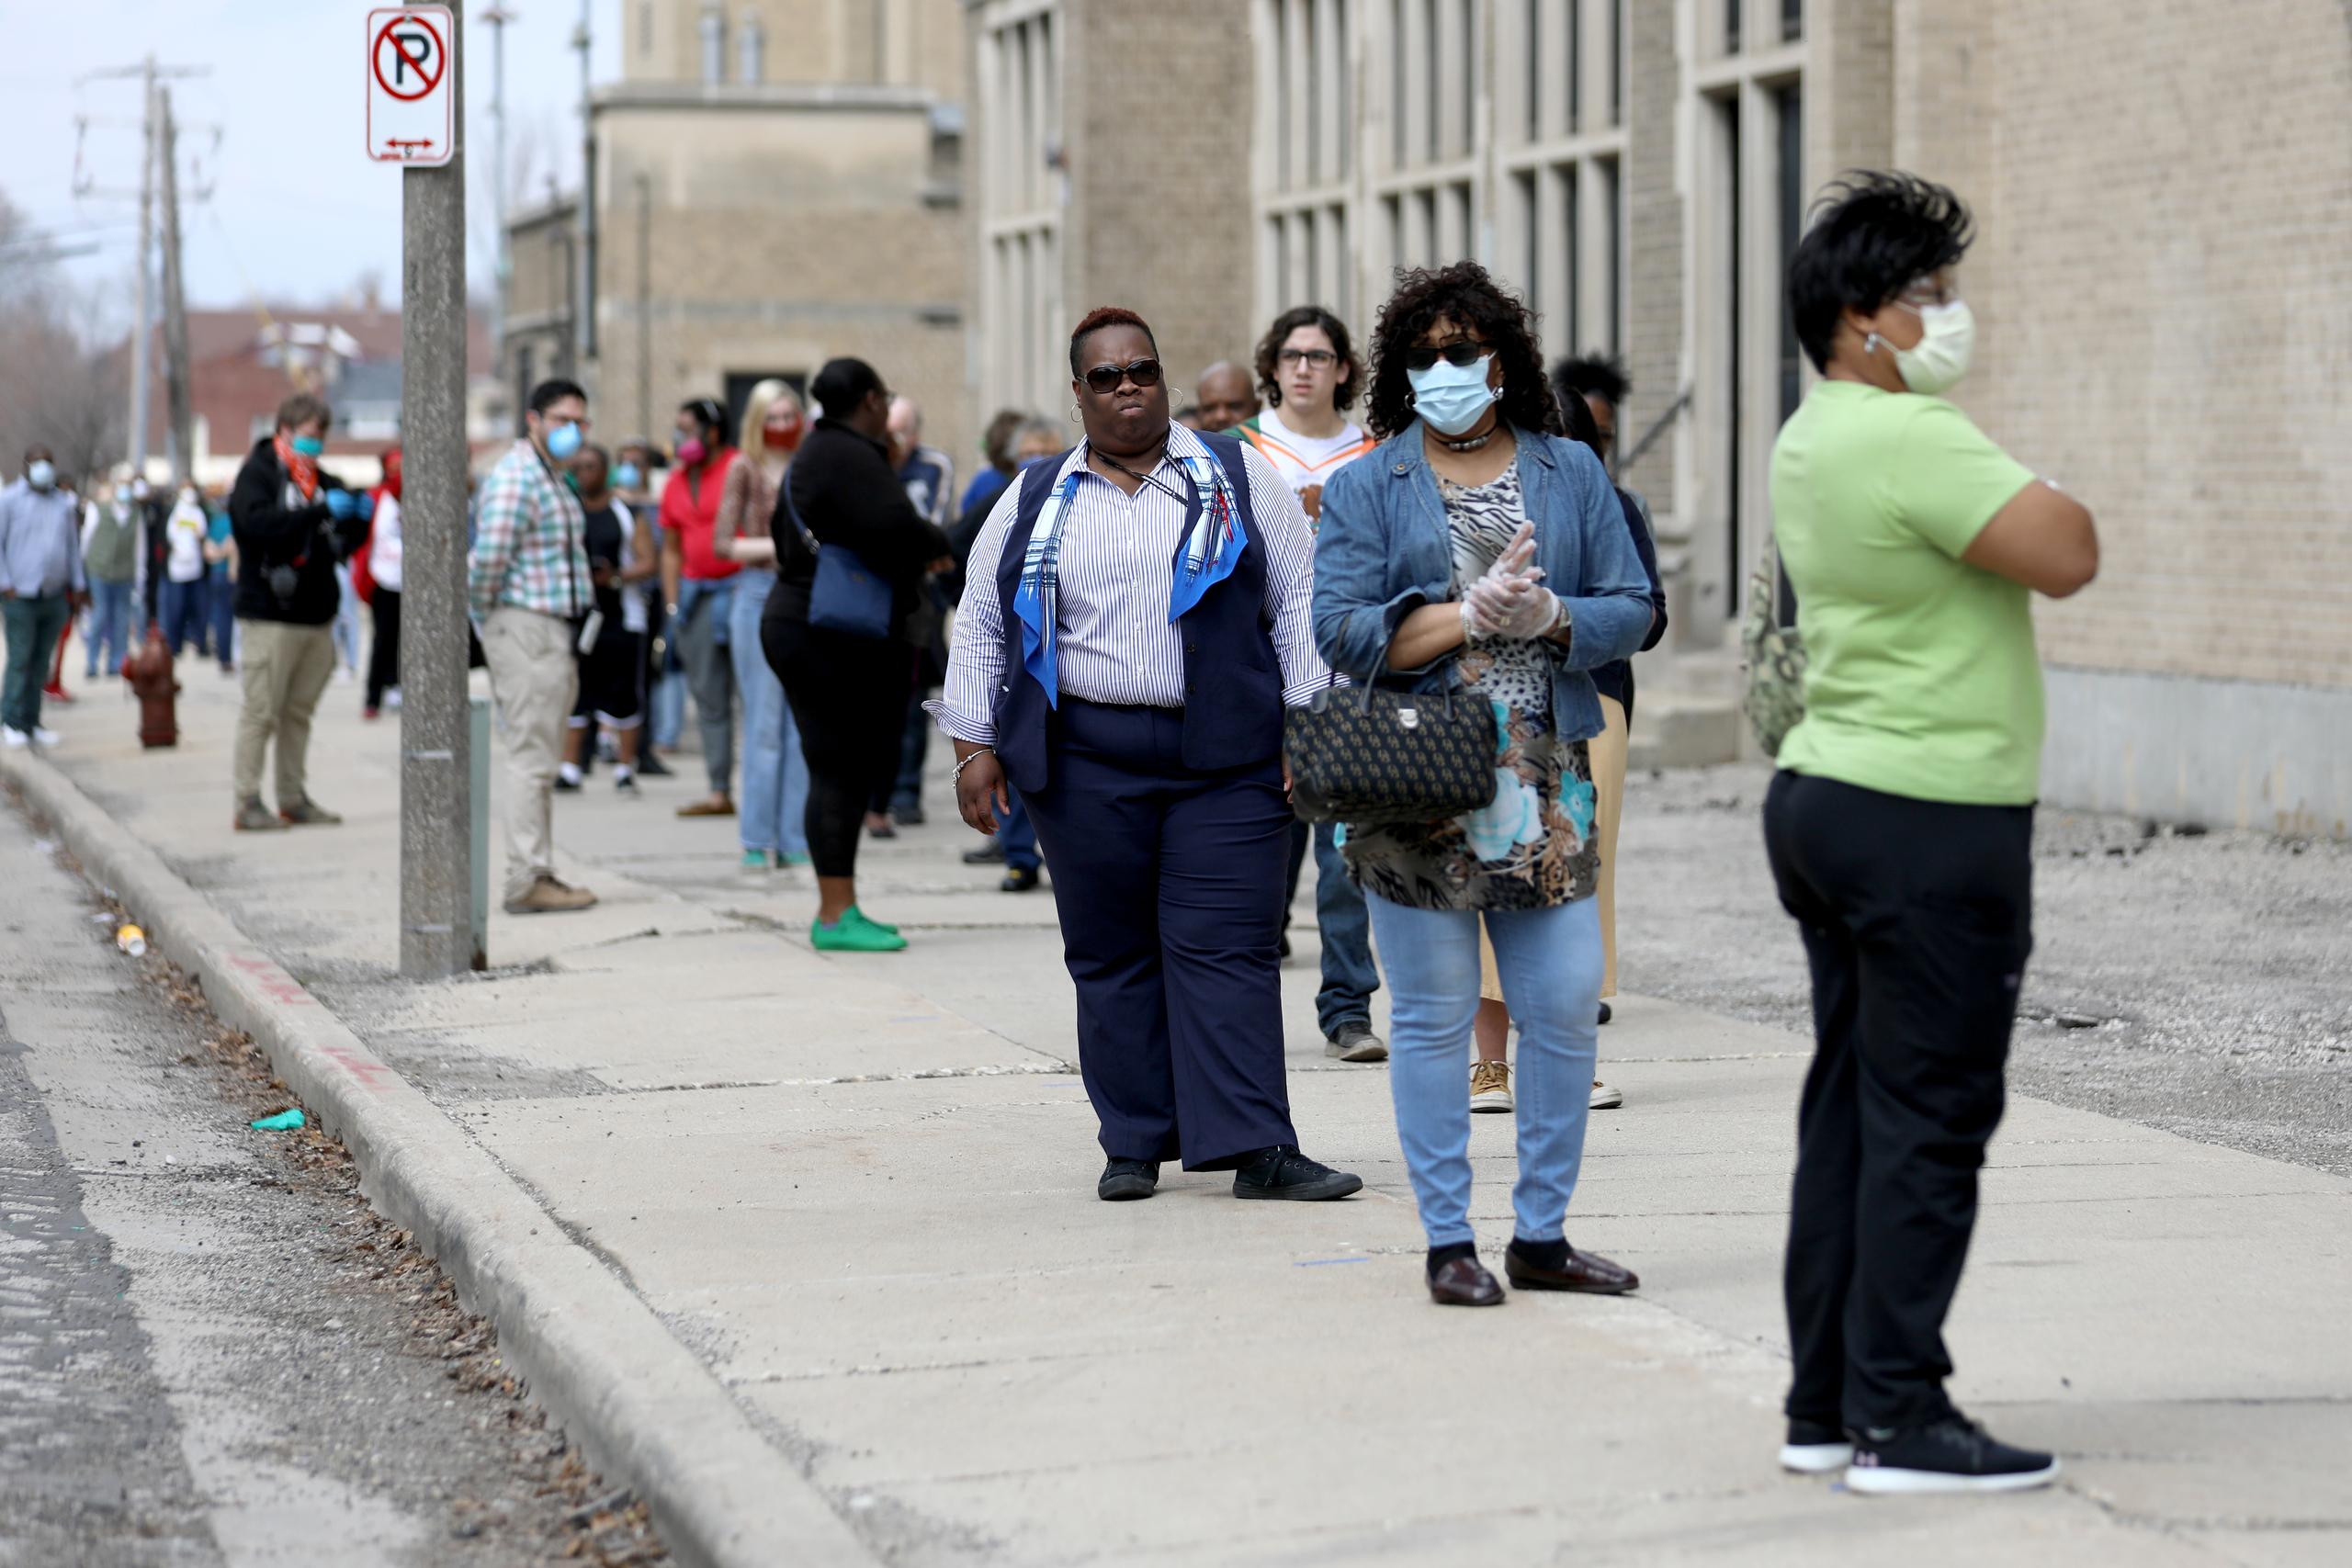 Racine Wi Halloween 2020 Racine receives $942,000 grant for Safe Voting   Racine, Wisconsin